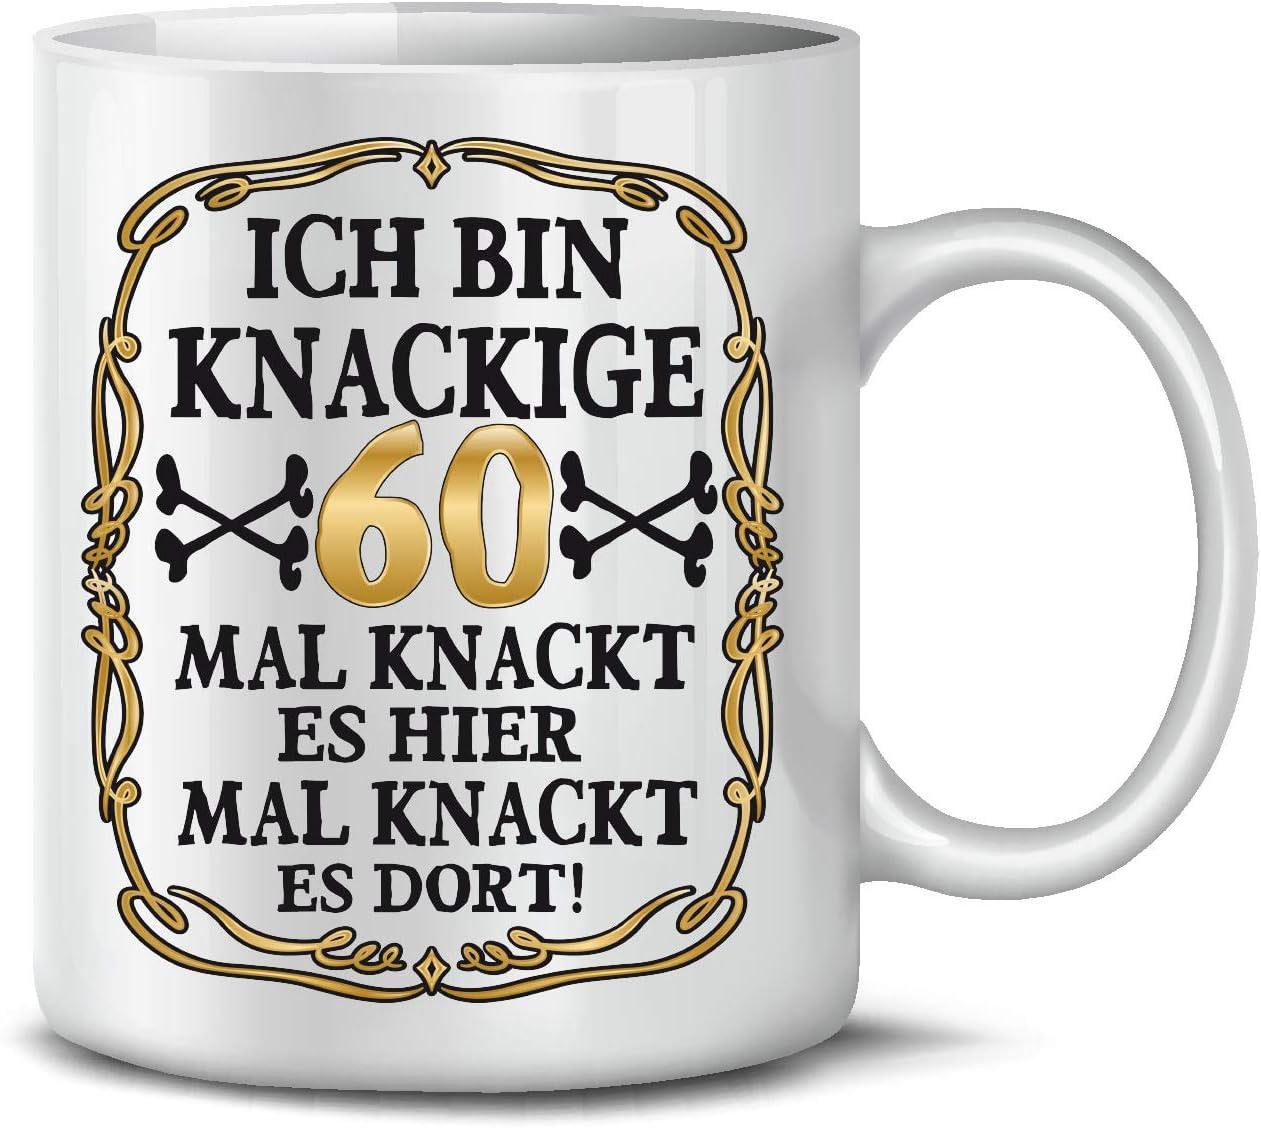 Tasse für Männer zum 60.